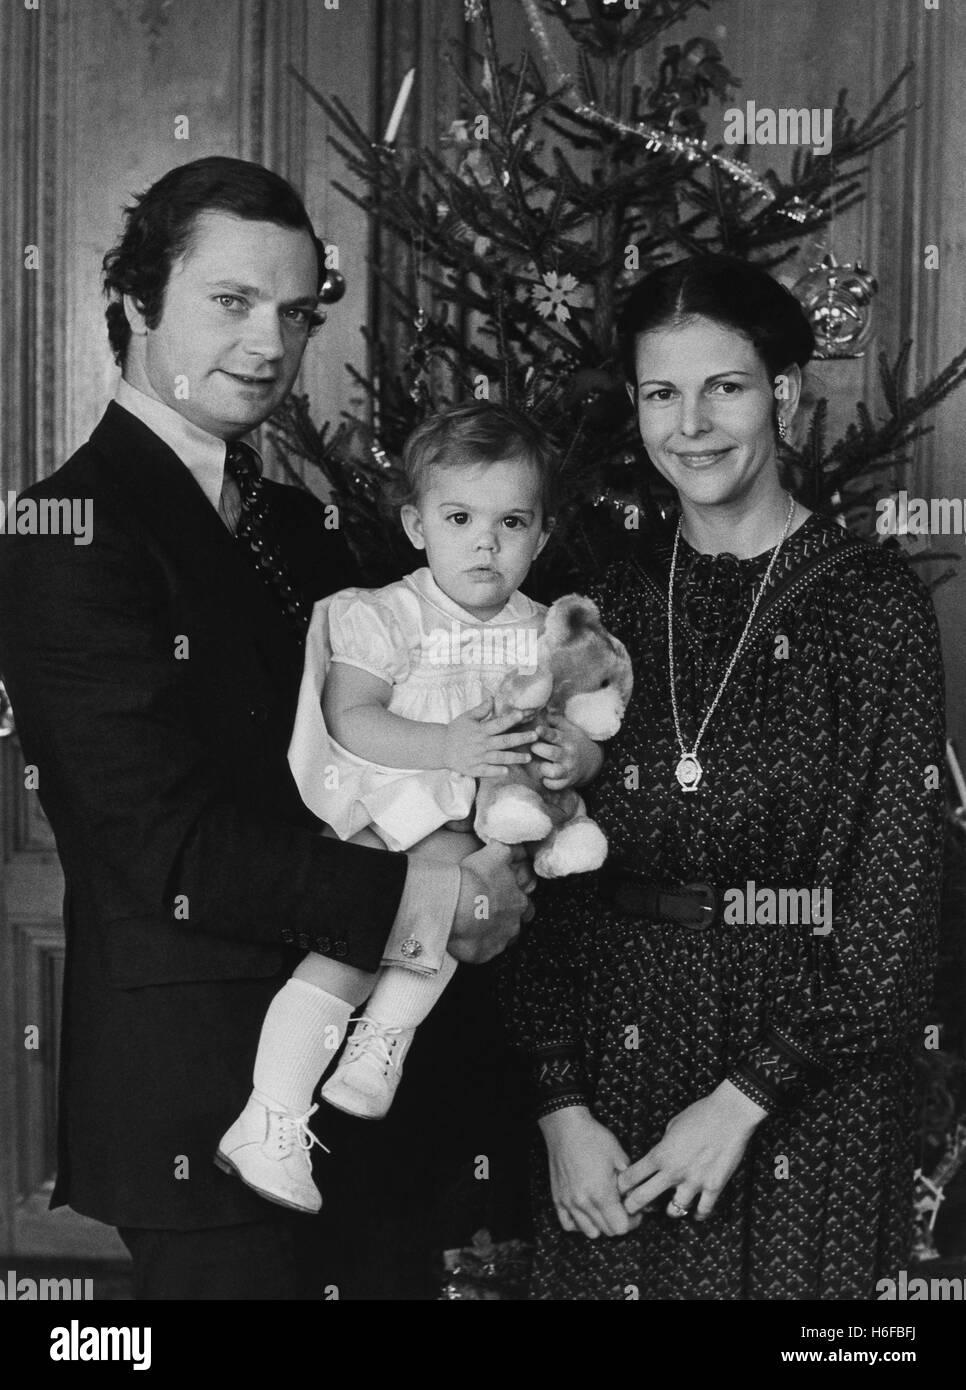 familia-real-pareja-real-con-su-primer-hijo-de-la-princesa-victoria-en-navidad-1978-h6fbfj.jpg